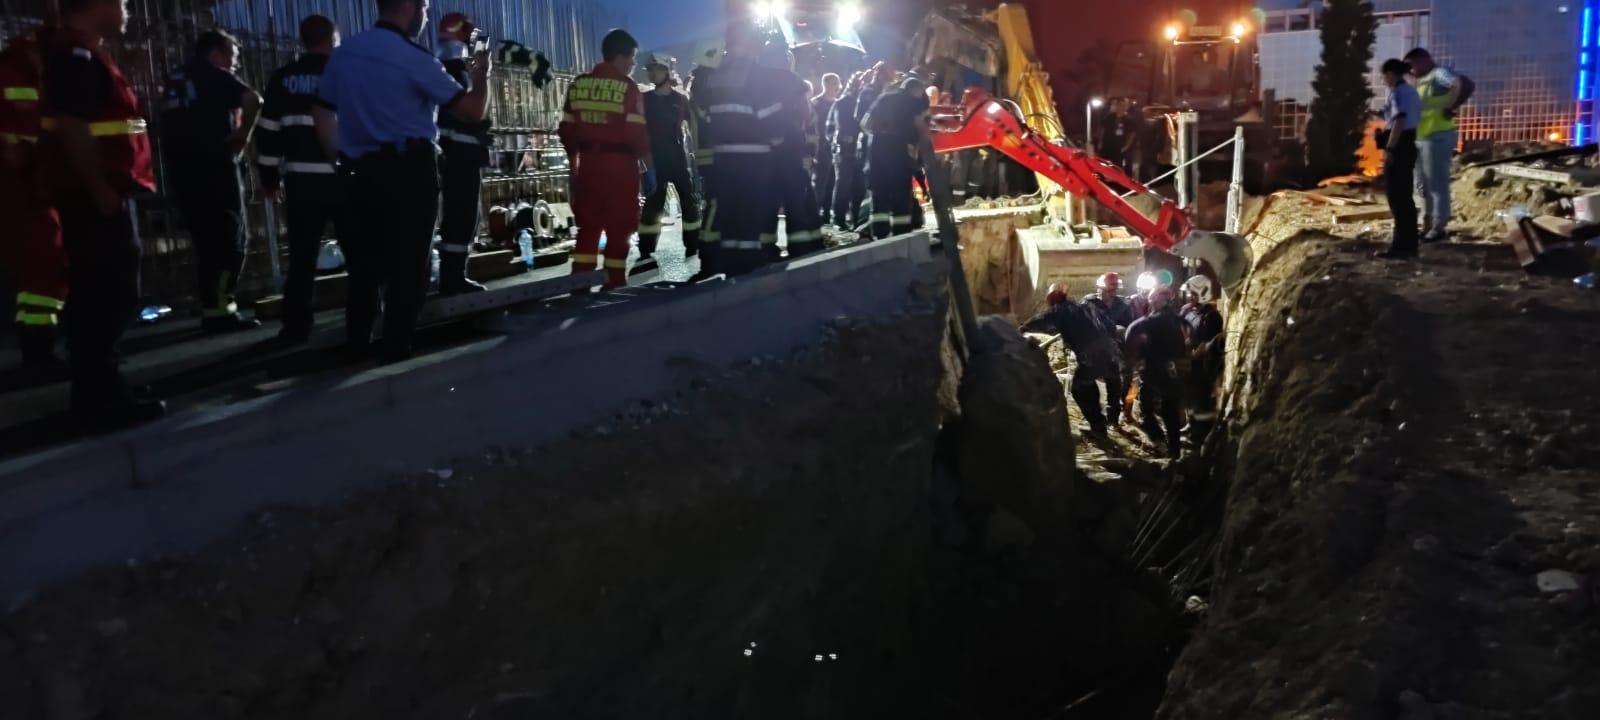 Amenzi de zeci de mii de lei după tragedia de pe șantier. Prefectul Capitalei a intervenit: Aşa ceva nu ar trebui să existe